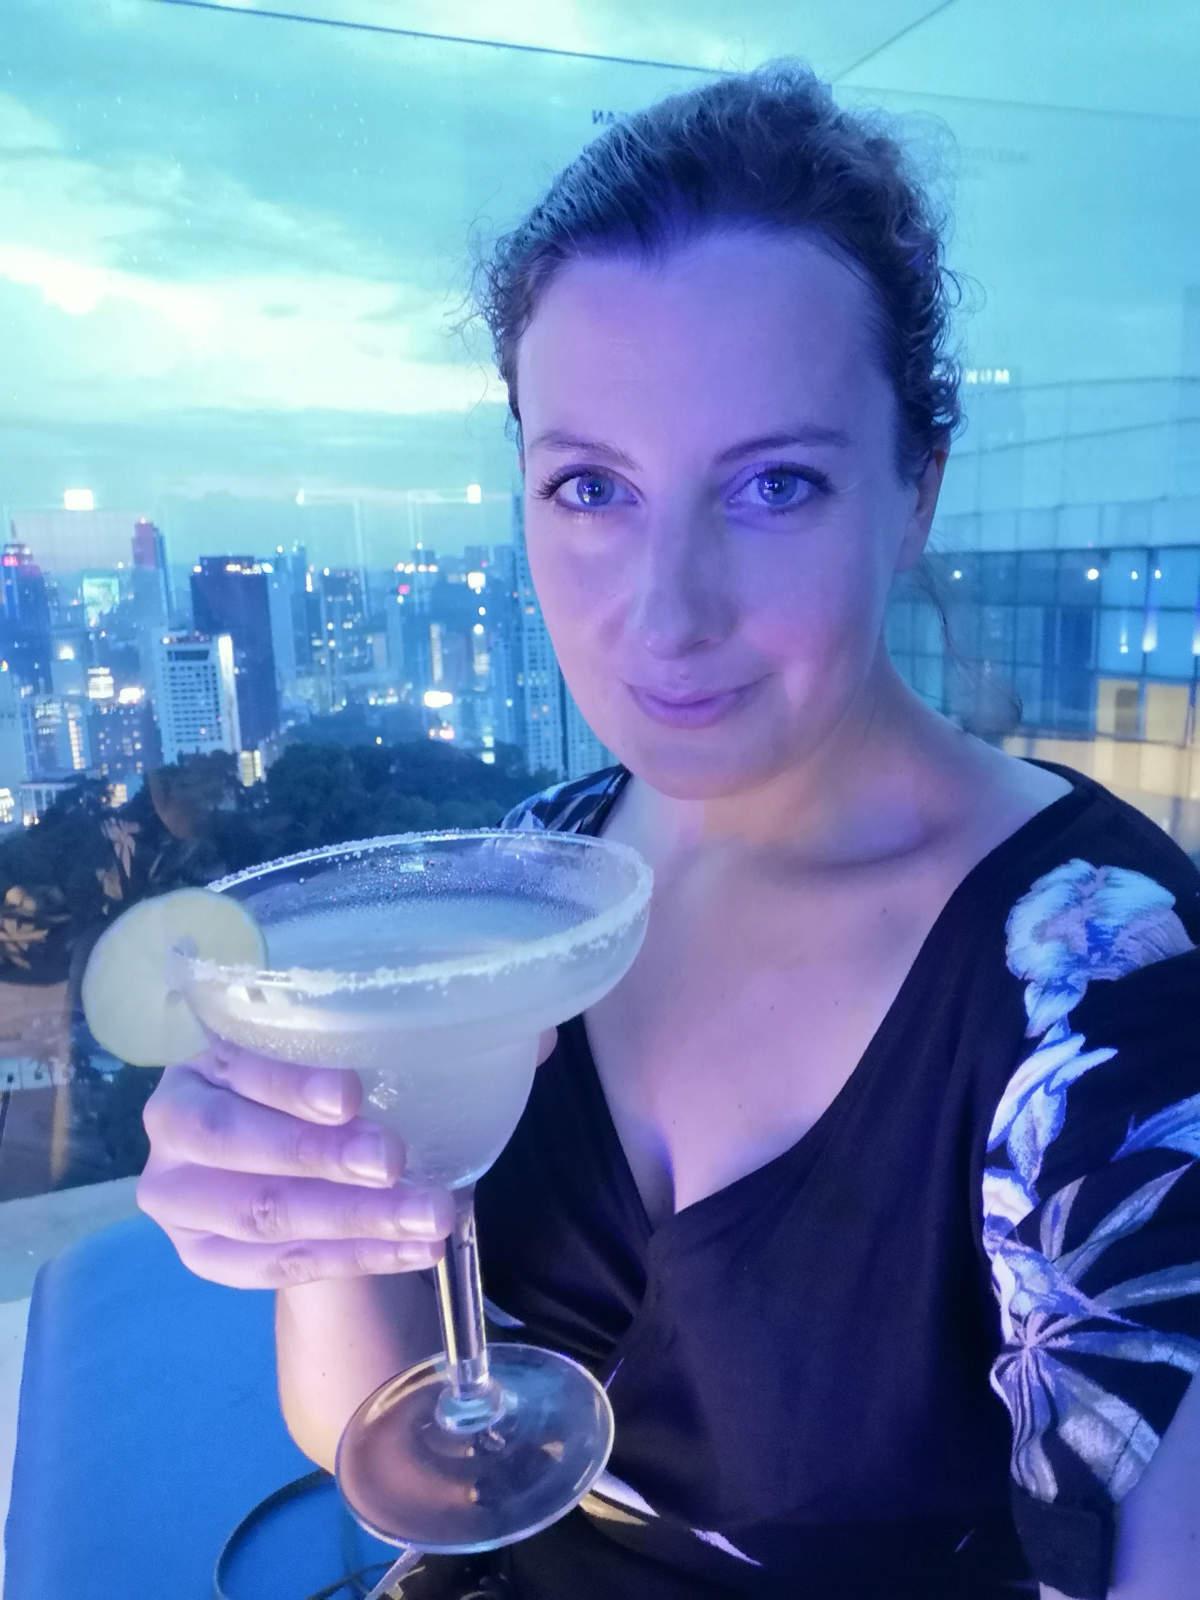 Ausgezeichnete Cocktails zu (für uns) moderaten Preisen mit sensationellem Ausblick auf Kuala Lumpur in der Luna Bar. Wanderhunger